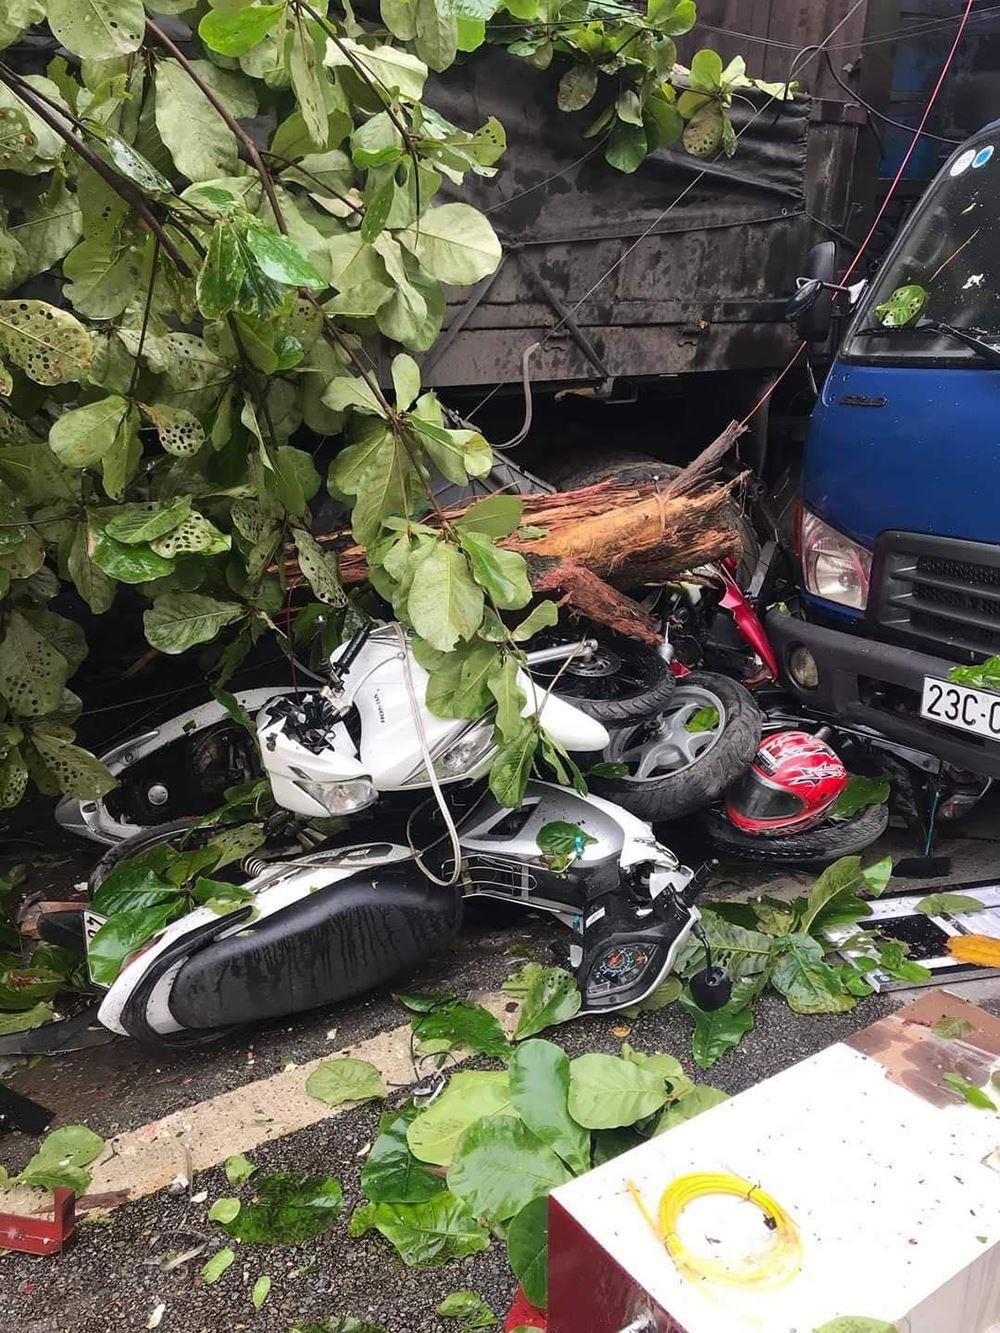 Đánh lái cứu sống 2 người sang đường ẩu ở Hà Giang, tài xế thẫn thờ khi biết thiệt hại gây ra gần 1 tỷ đồng 3